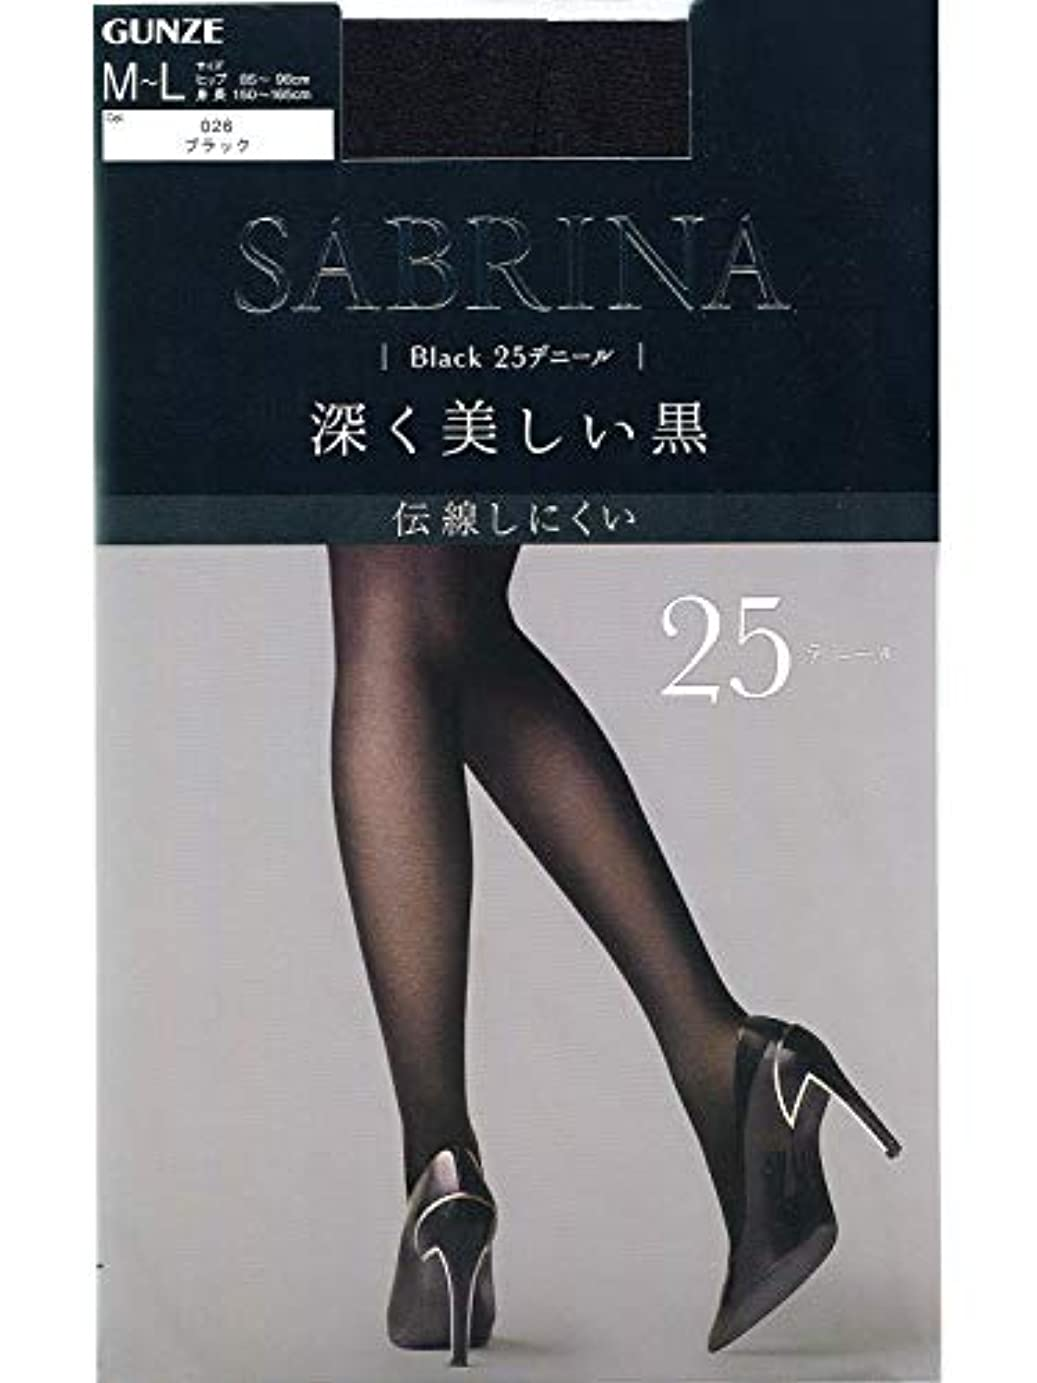 ミシン目金銭的然としたSABRINA(サブリナ) 深く美しい黒 パンスト L-LL ブラック